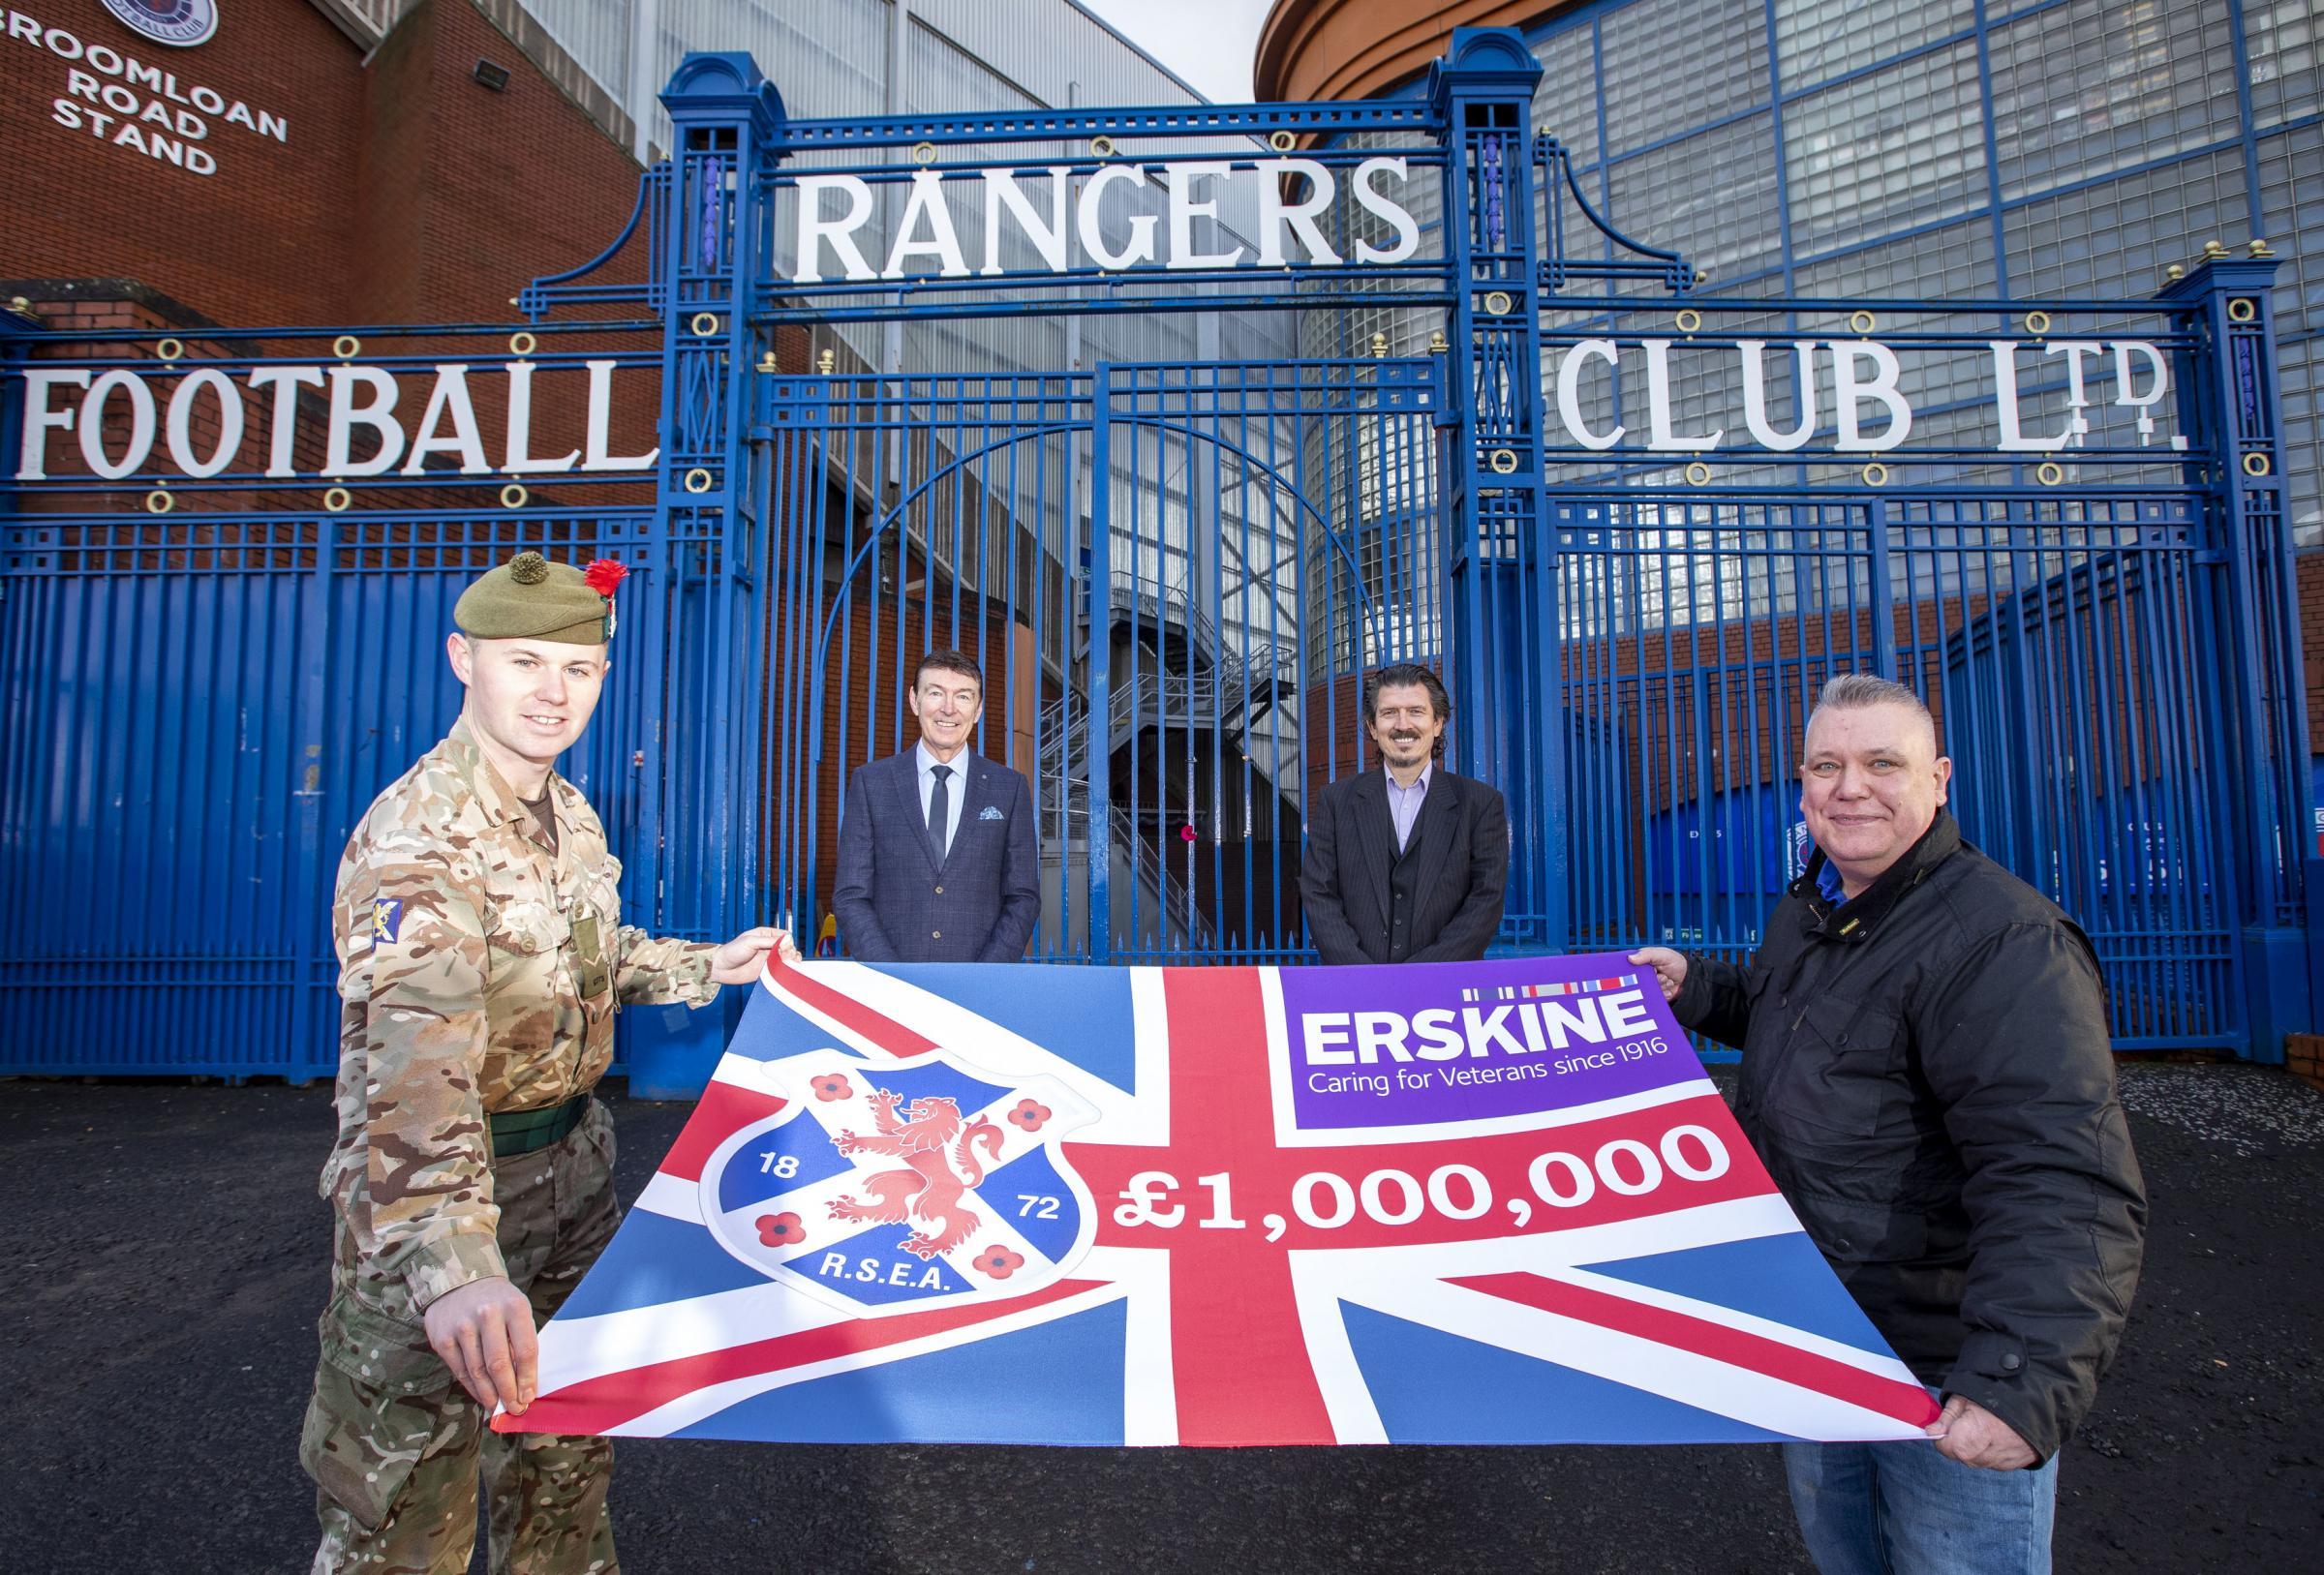 Rangers fans break £1million fundraising target for Erskine Veterans